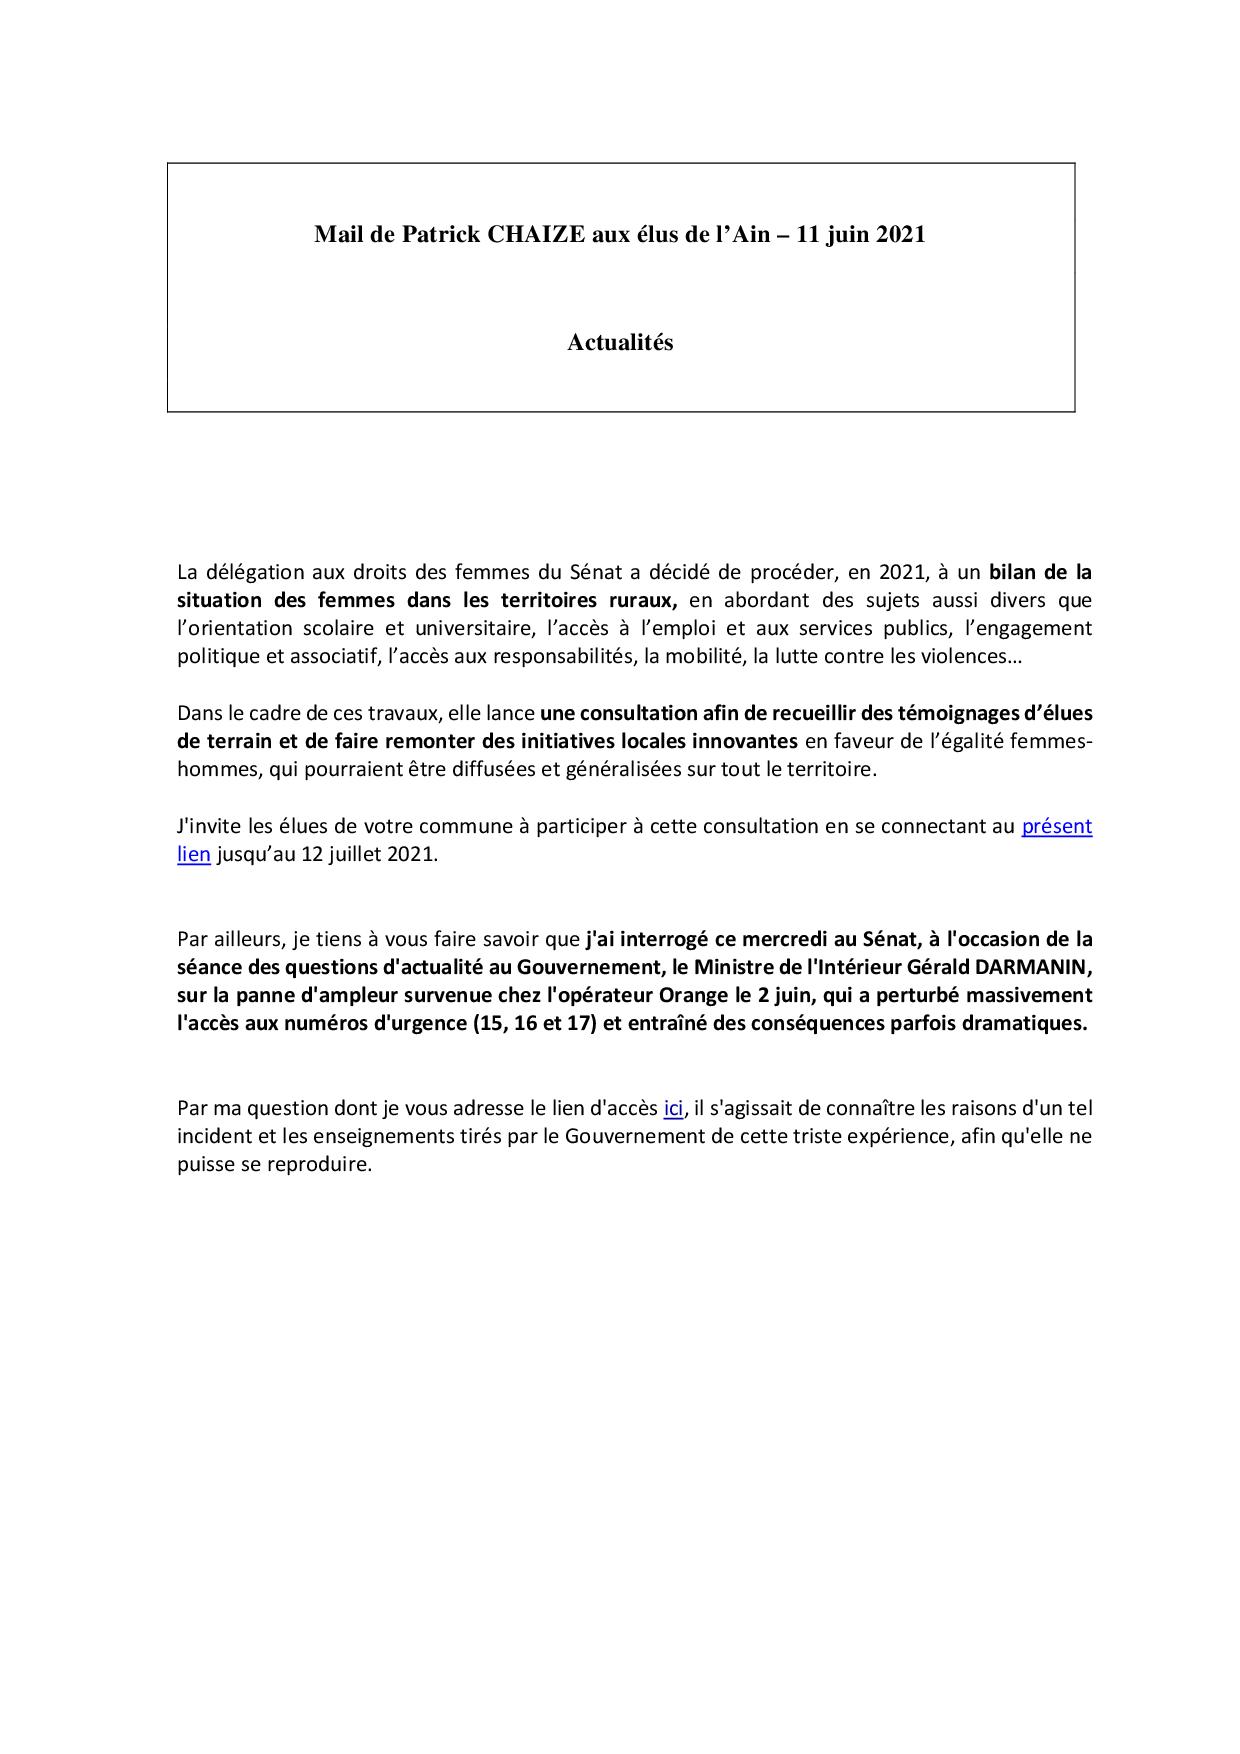 Mail_Information_Communiqué_Elus_Ain_N°77_20210611